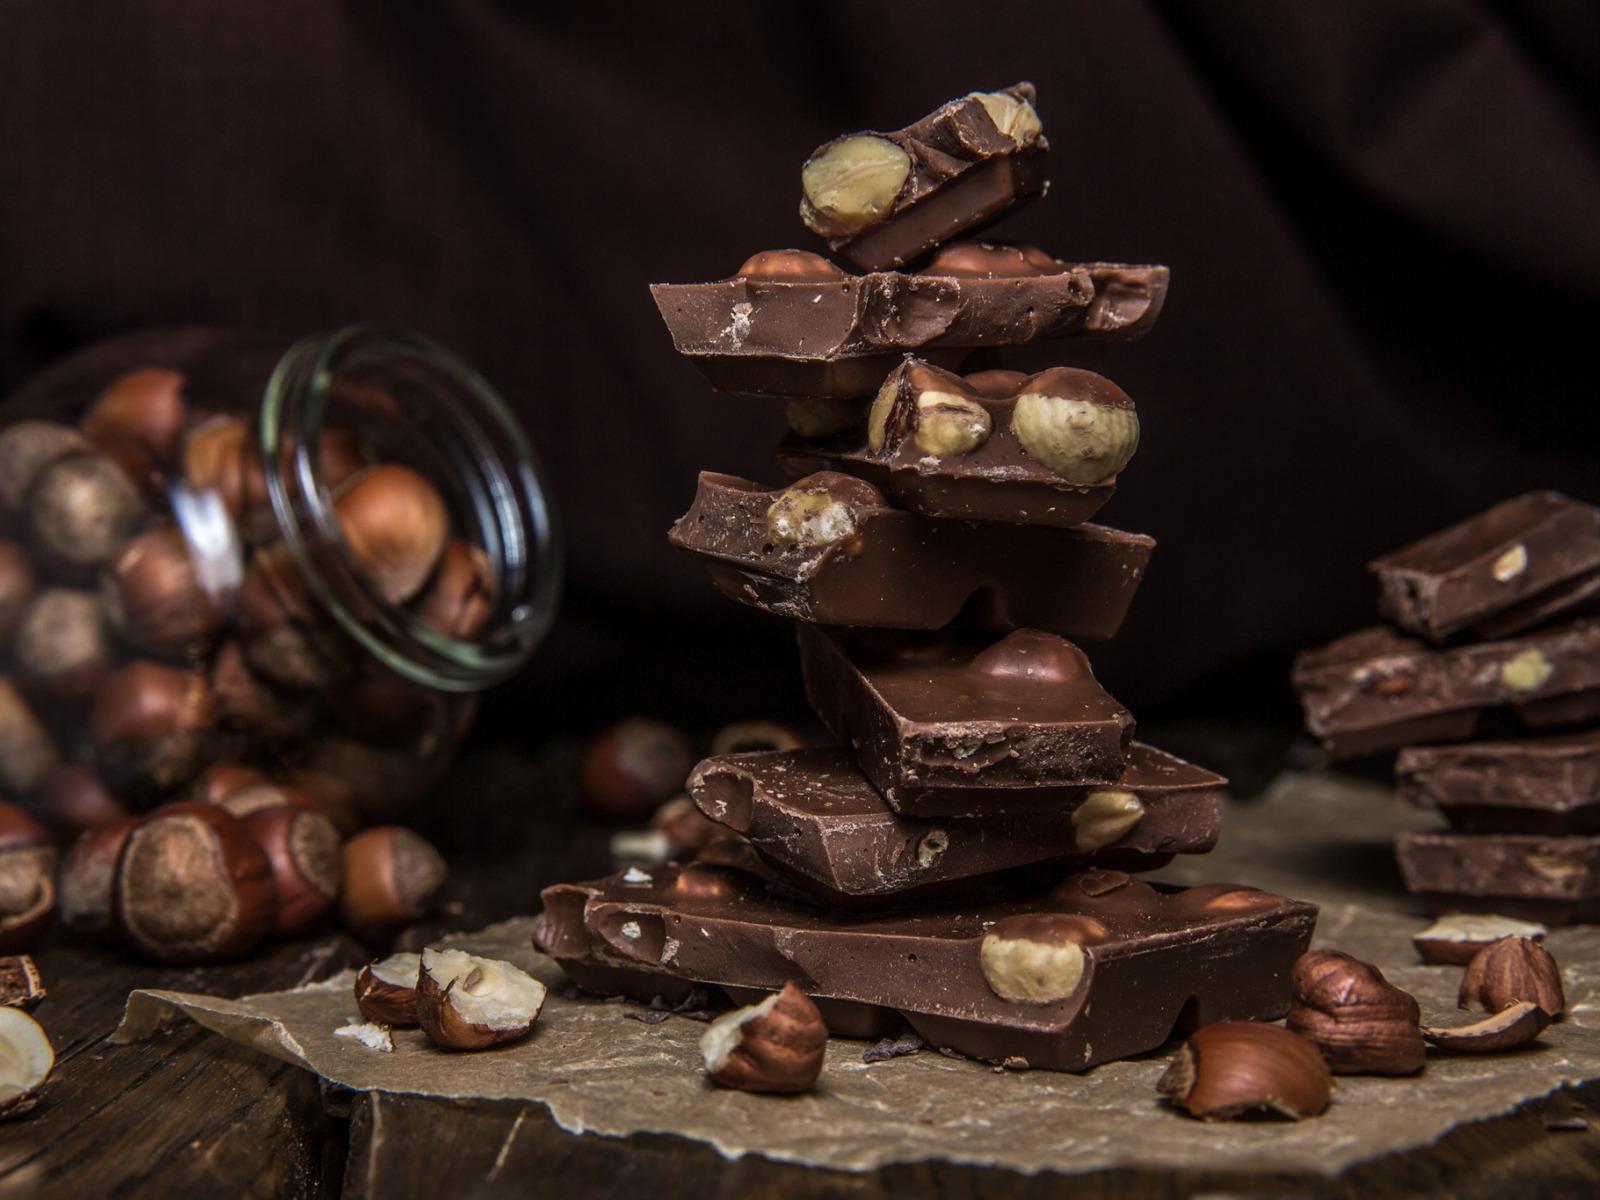 картинки шоколадки с орешками нашем городе